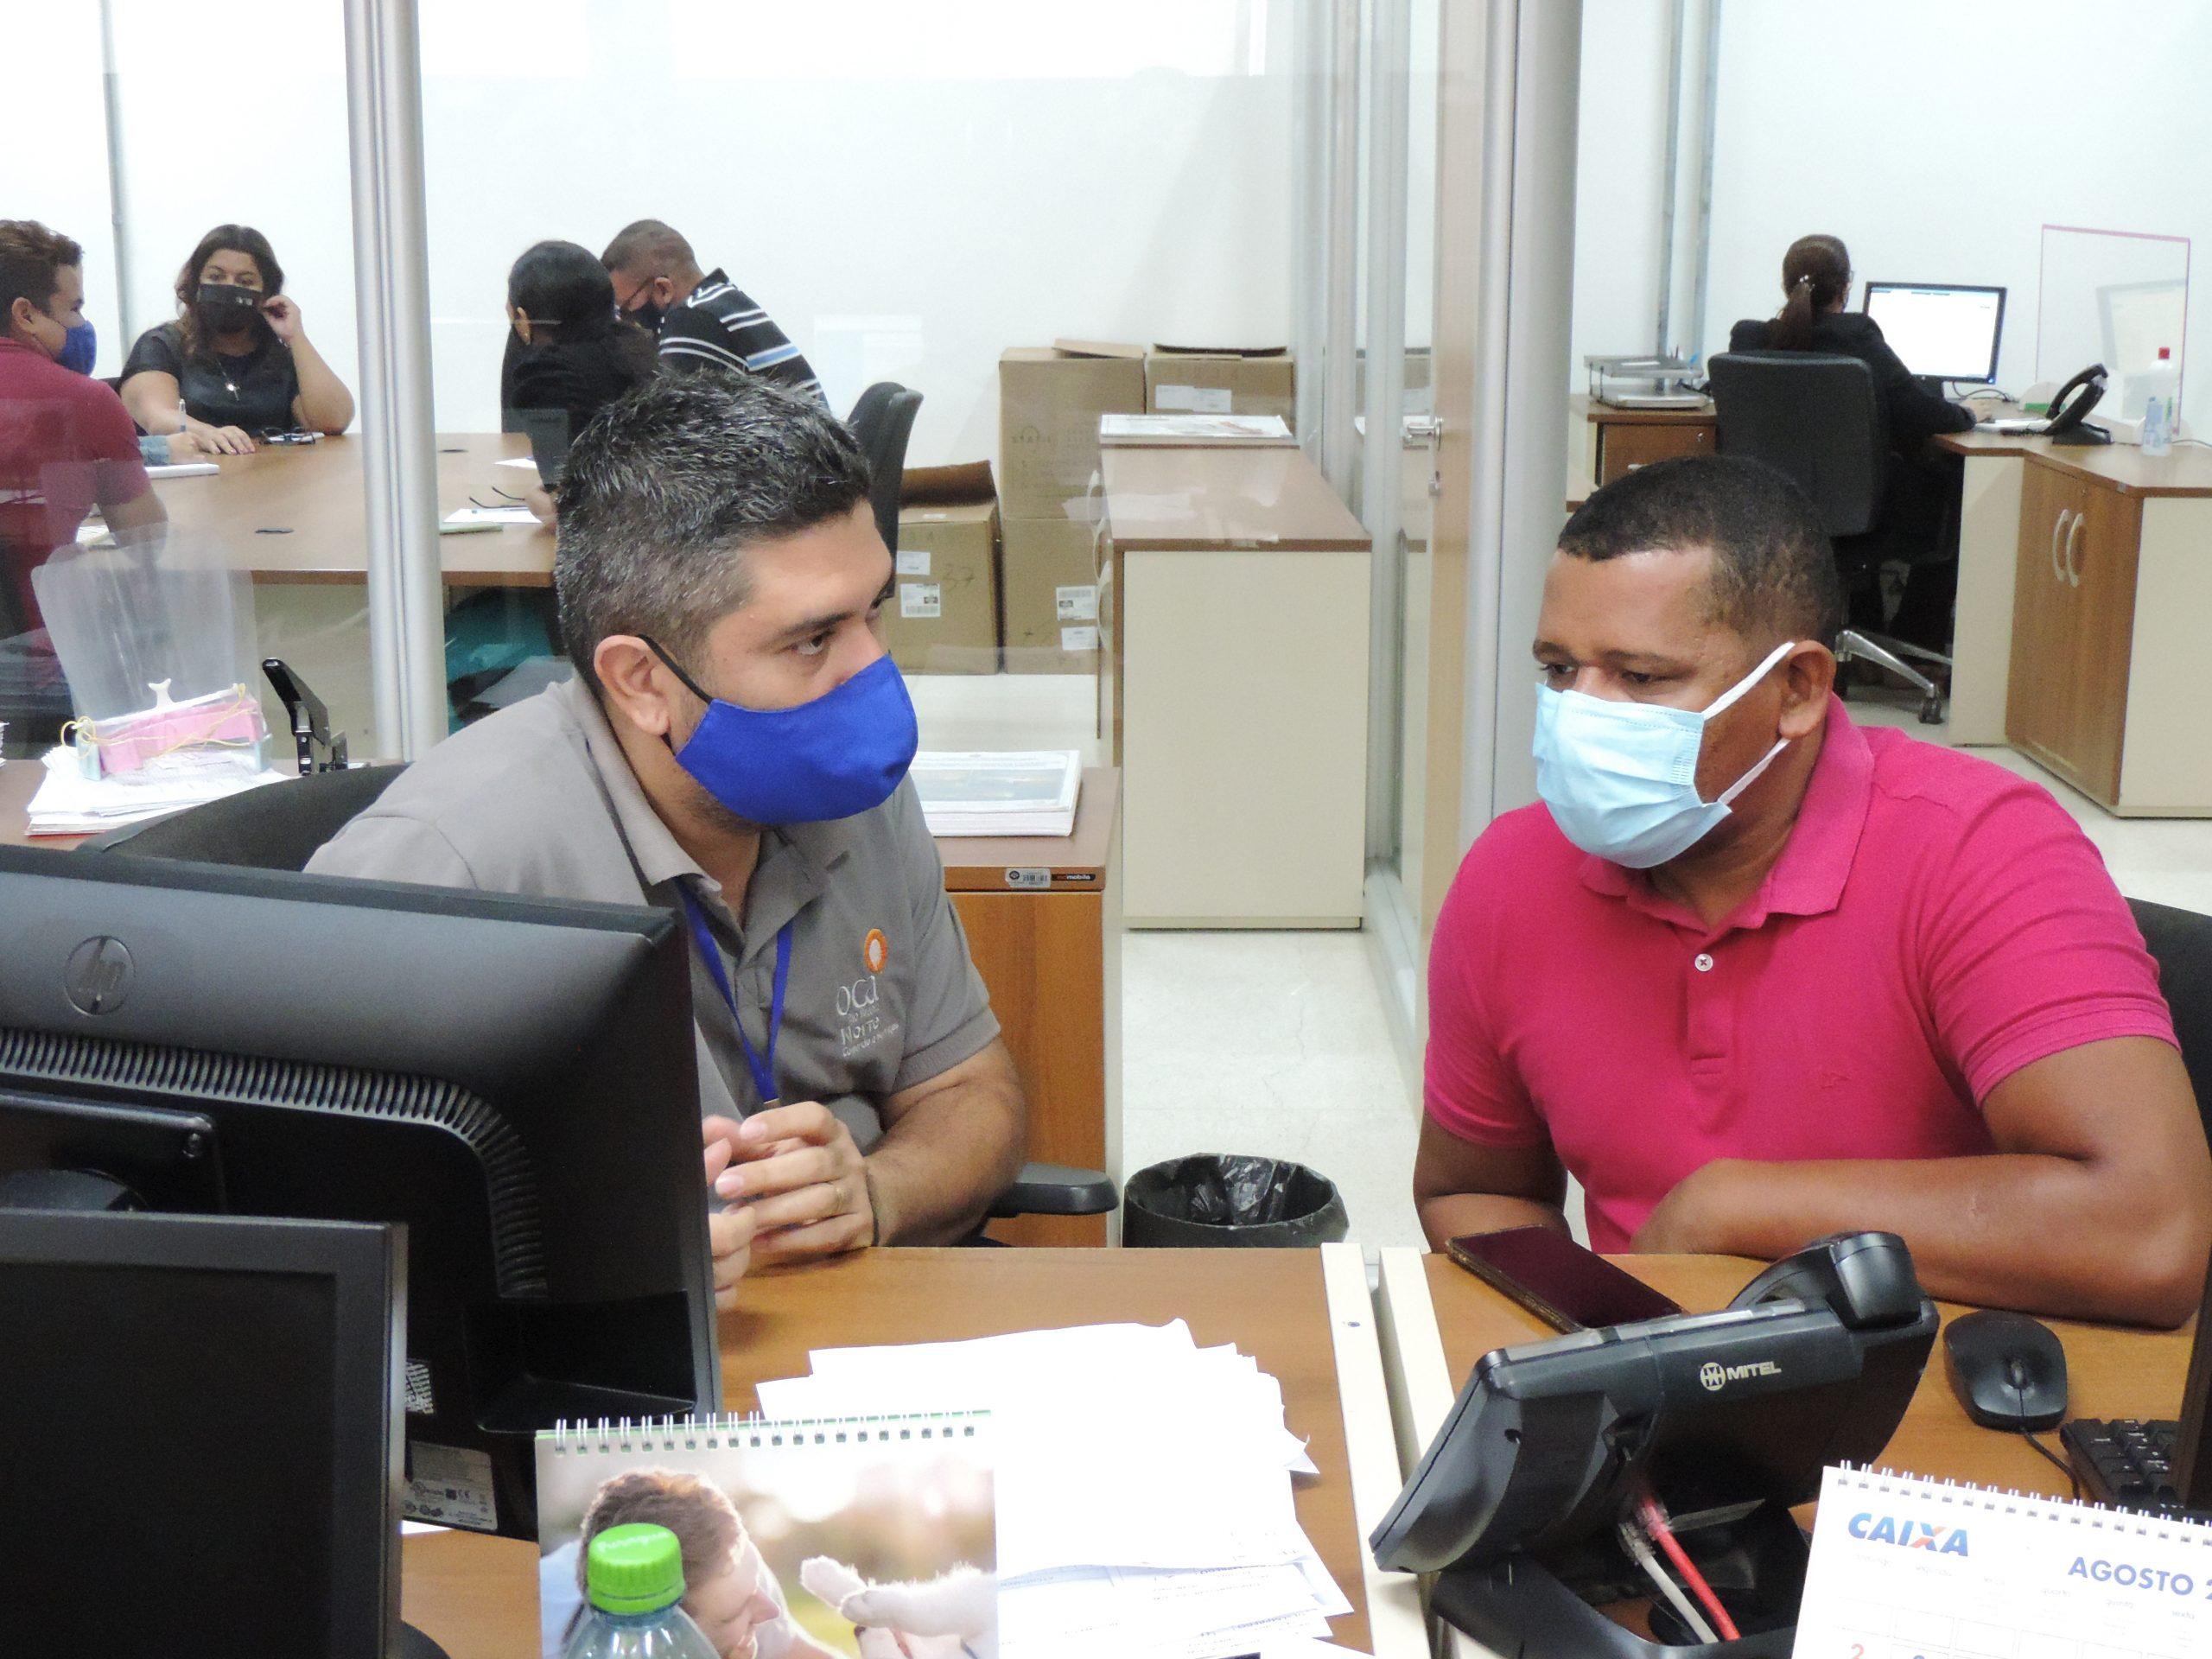 Servidores de Cruzeiro do Sul participam de vivência prática na OCA Rio Branco